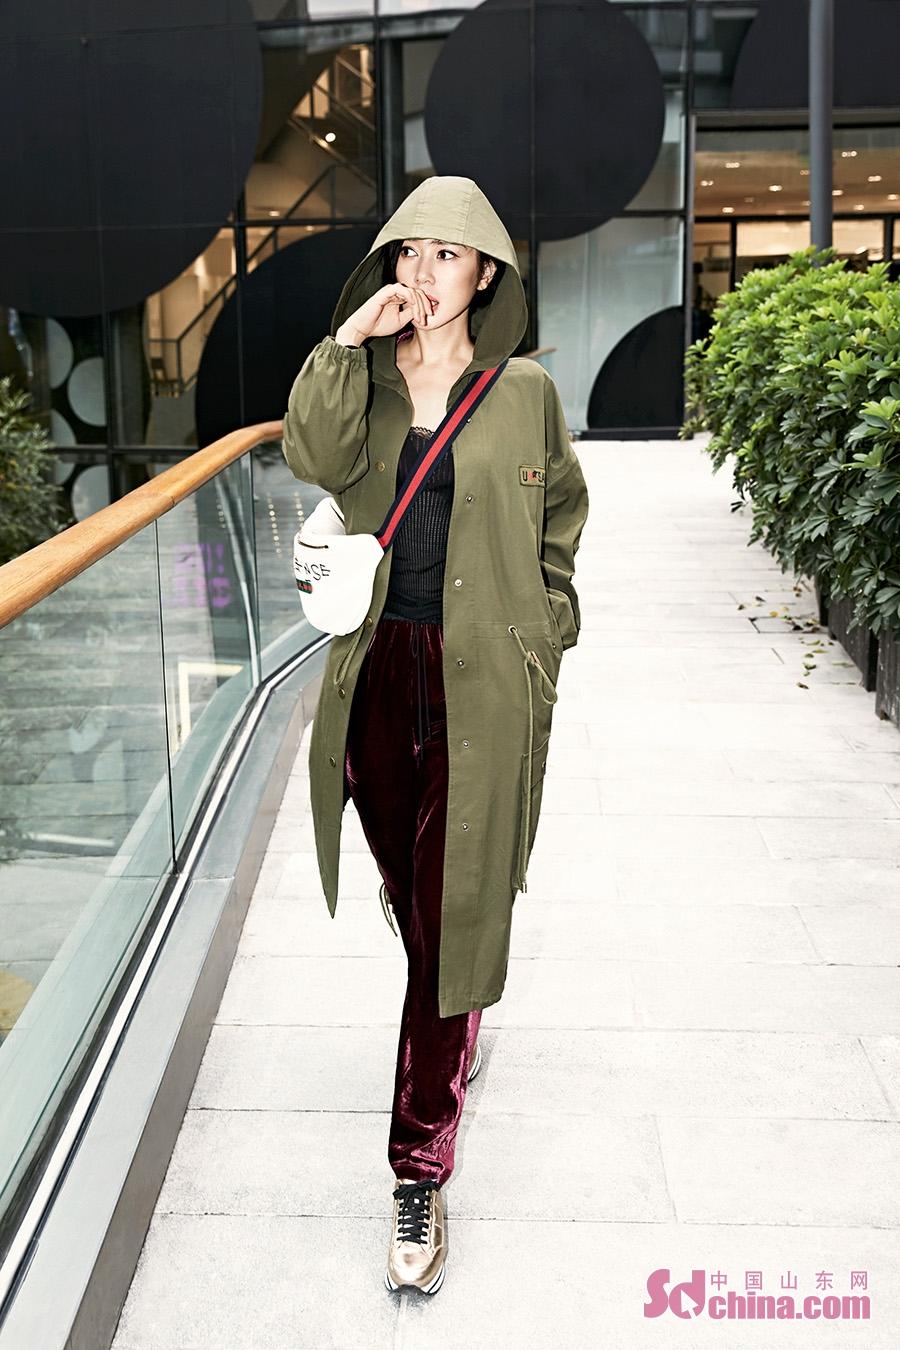 <br/>  近日,演员余男曝光一组时尚街拍。照片中她身穿军绿连帽风衣内搭酒红色丝绒套装,加以金色球鞋与白色腰包点缀,大胆的撞色look抓人眼球,时髦前卫的混搭风个性却不失女人味,在寒冷的天气中带来随性惬意的活力感。<br/>